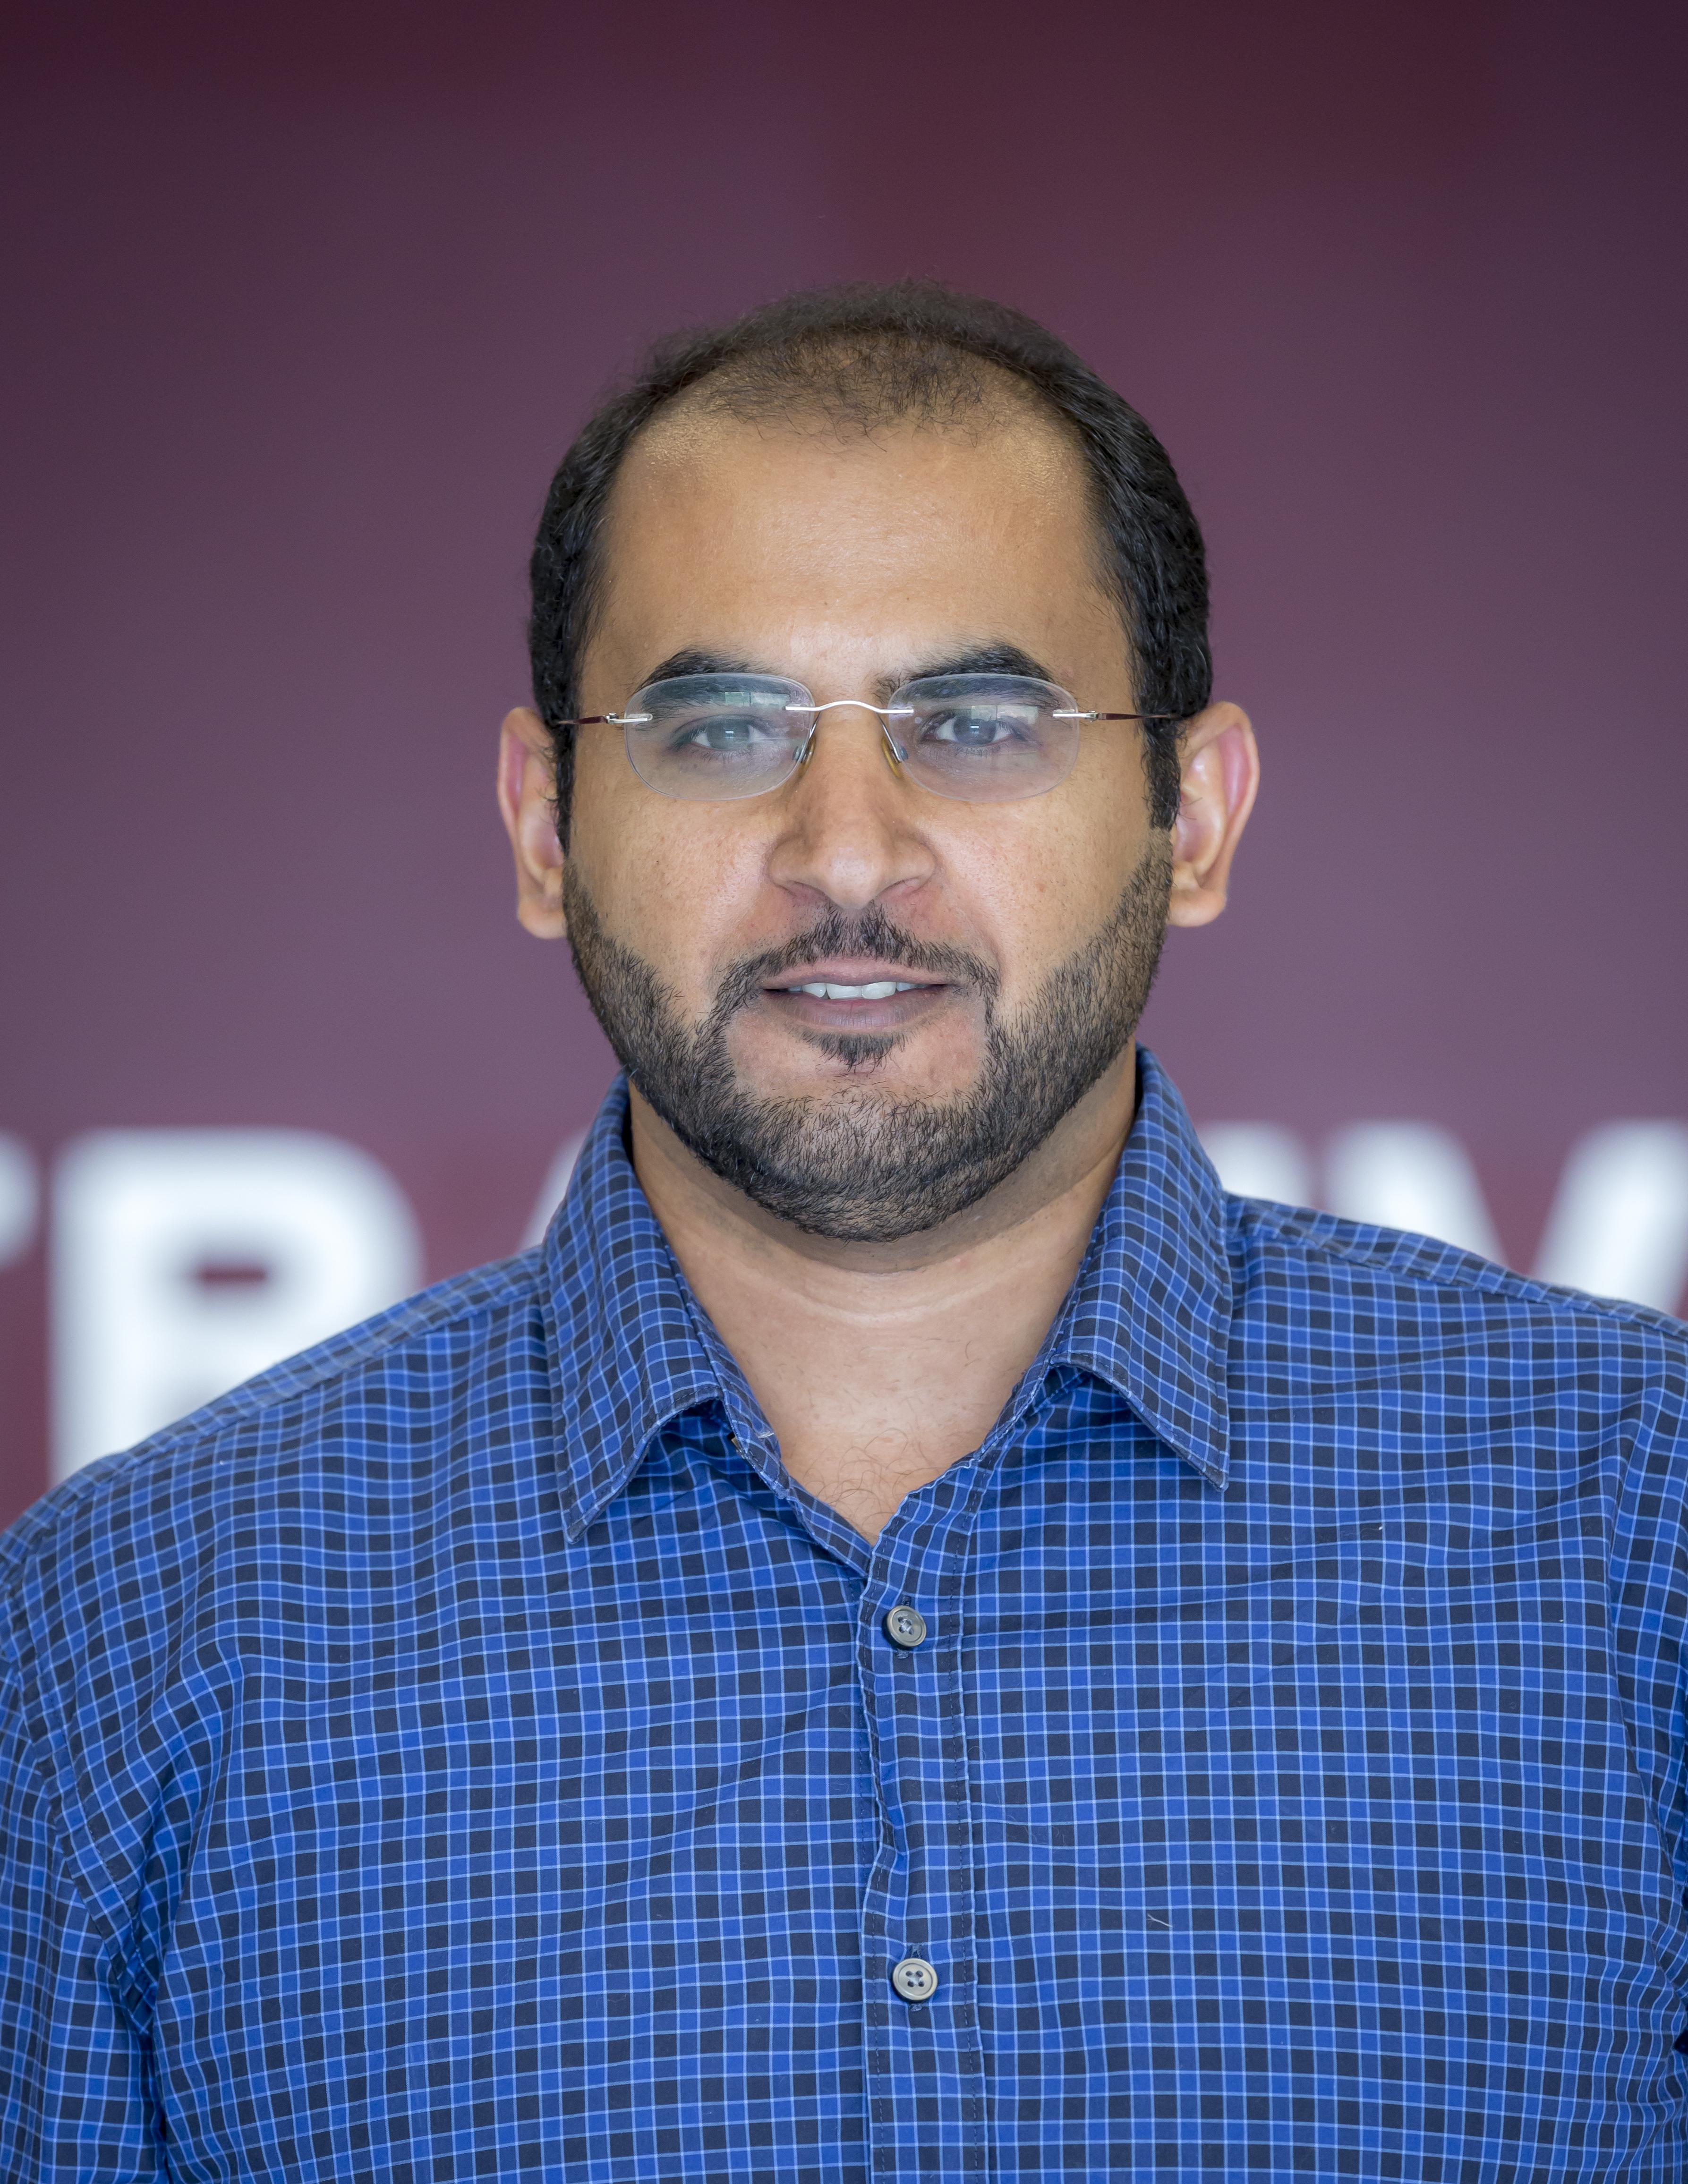 Ahmed Al-Zeyadi